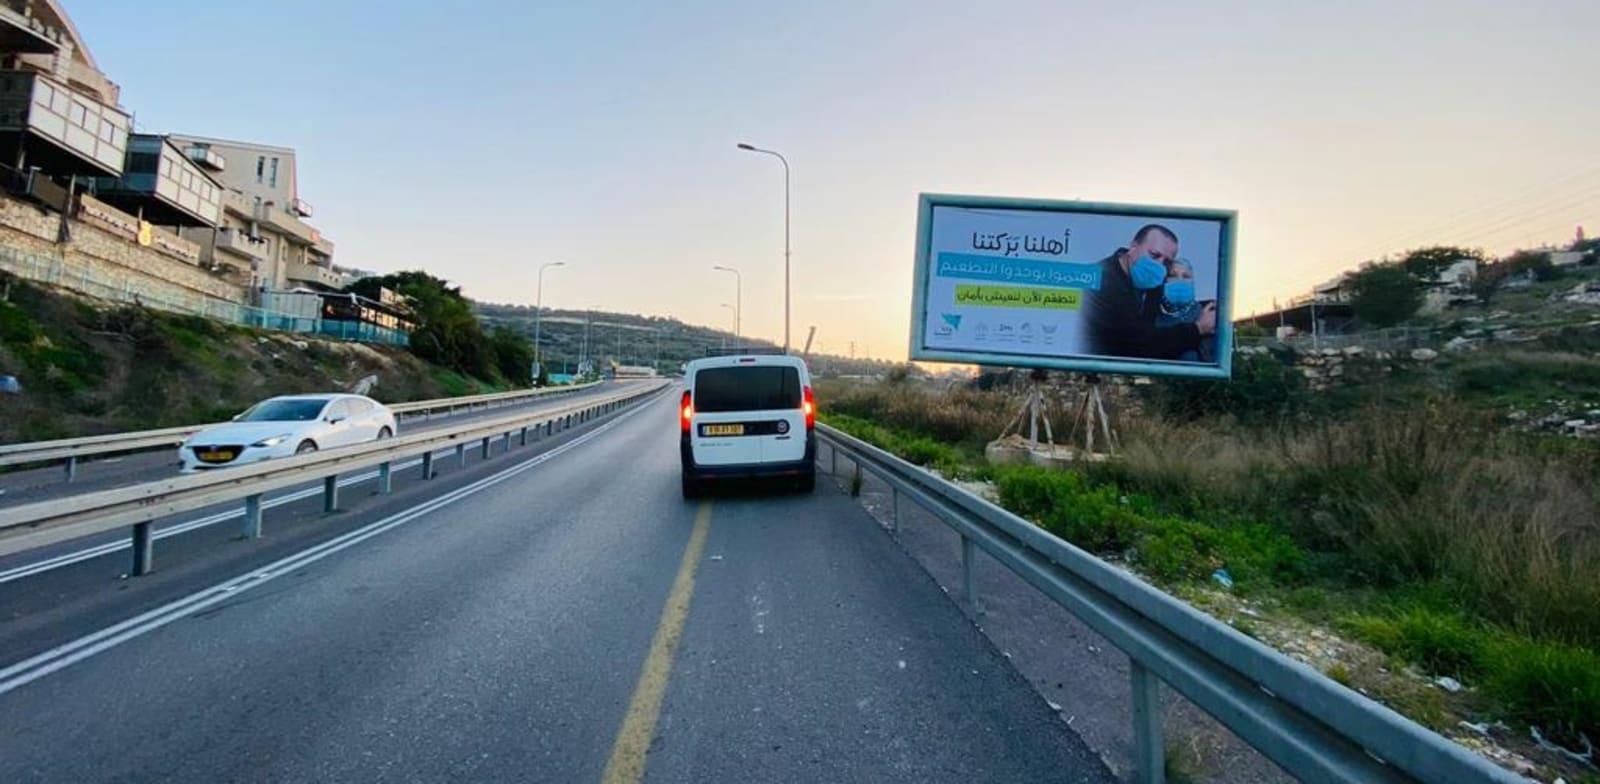 שילוט חוצות הקורא לחברה הערבית להתחסן / צילום: חברת יארא לפרסום ויחסי ציבור